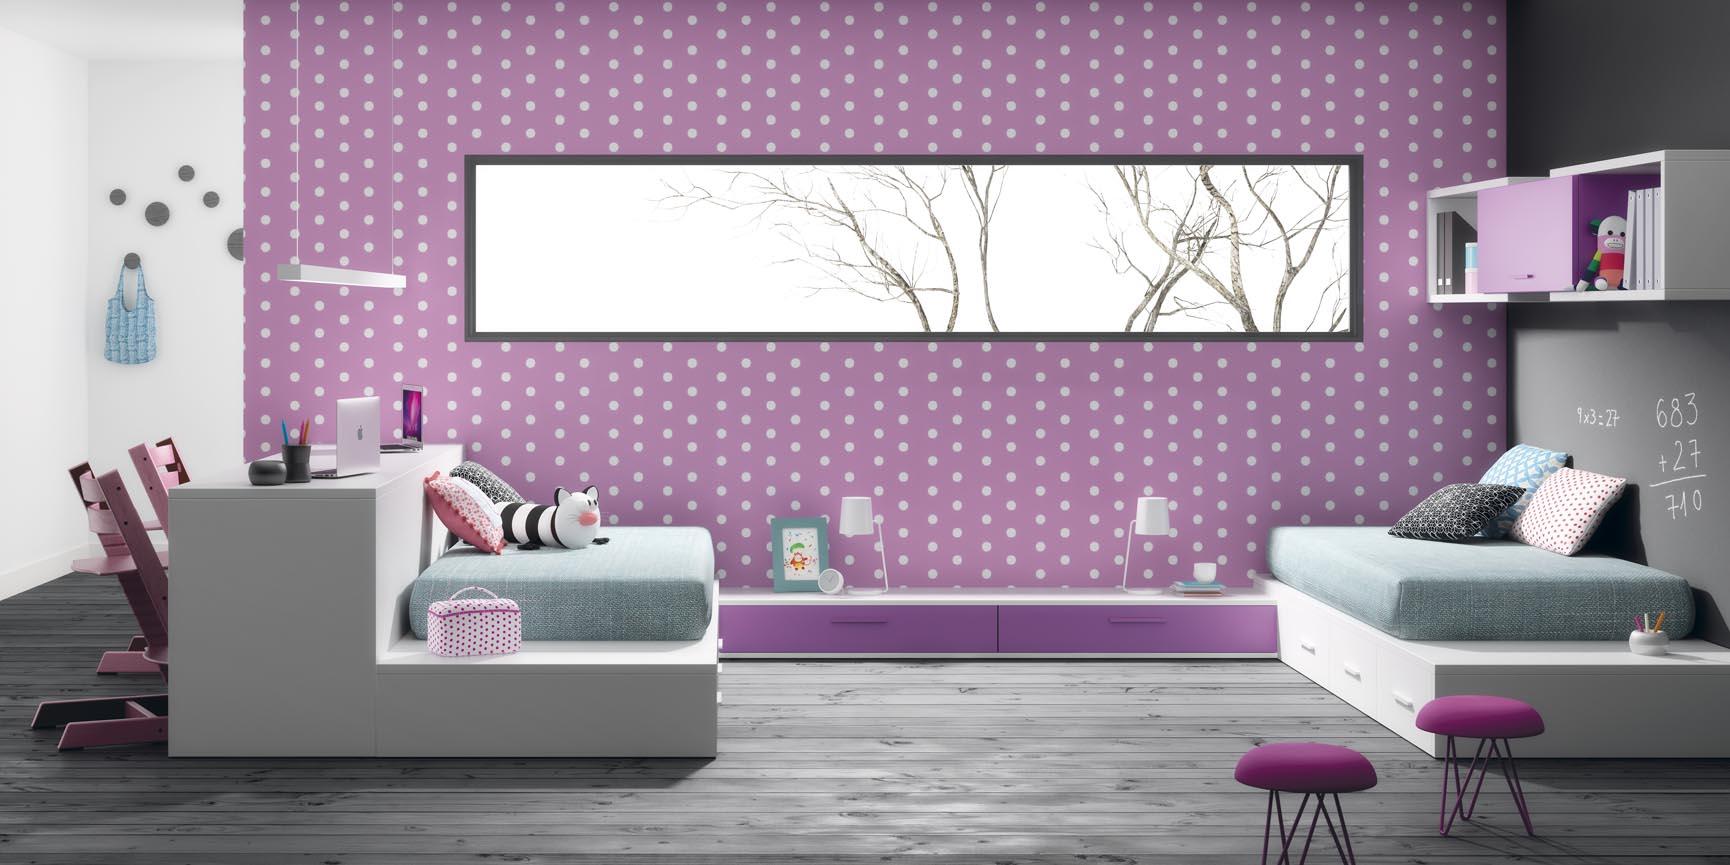 Tatat muebles a medida y m s expertos en mueble juvenil - Dormitorios infantiles barcelona ...